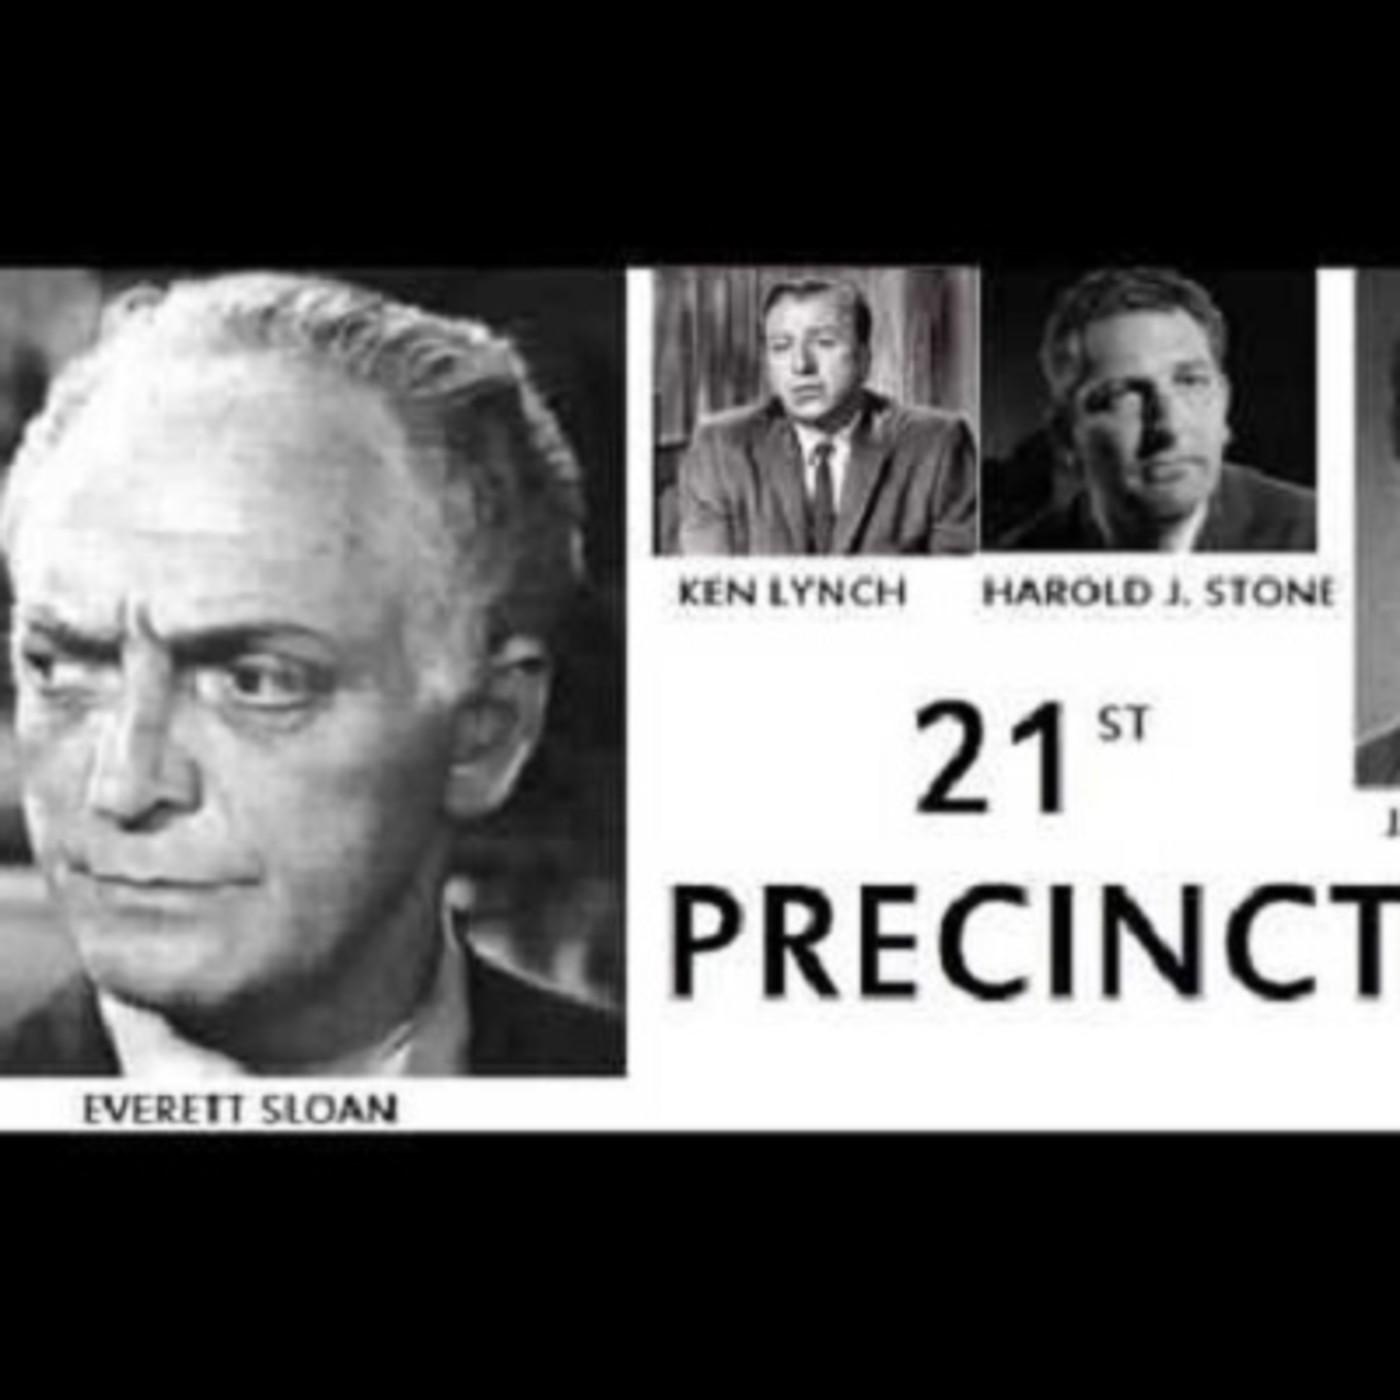 21st_Precinct_54-10-27_ep068_The_Mark